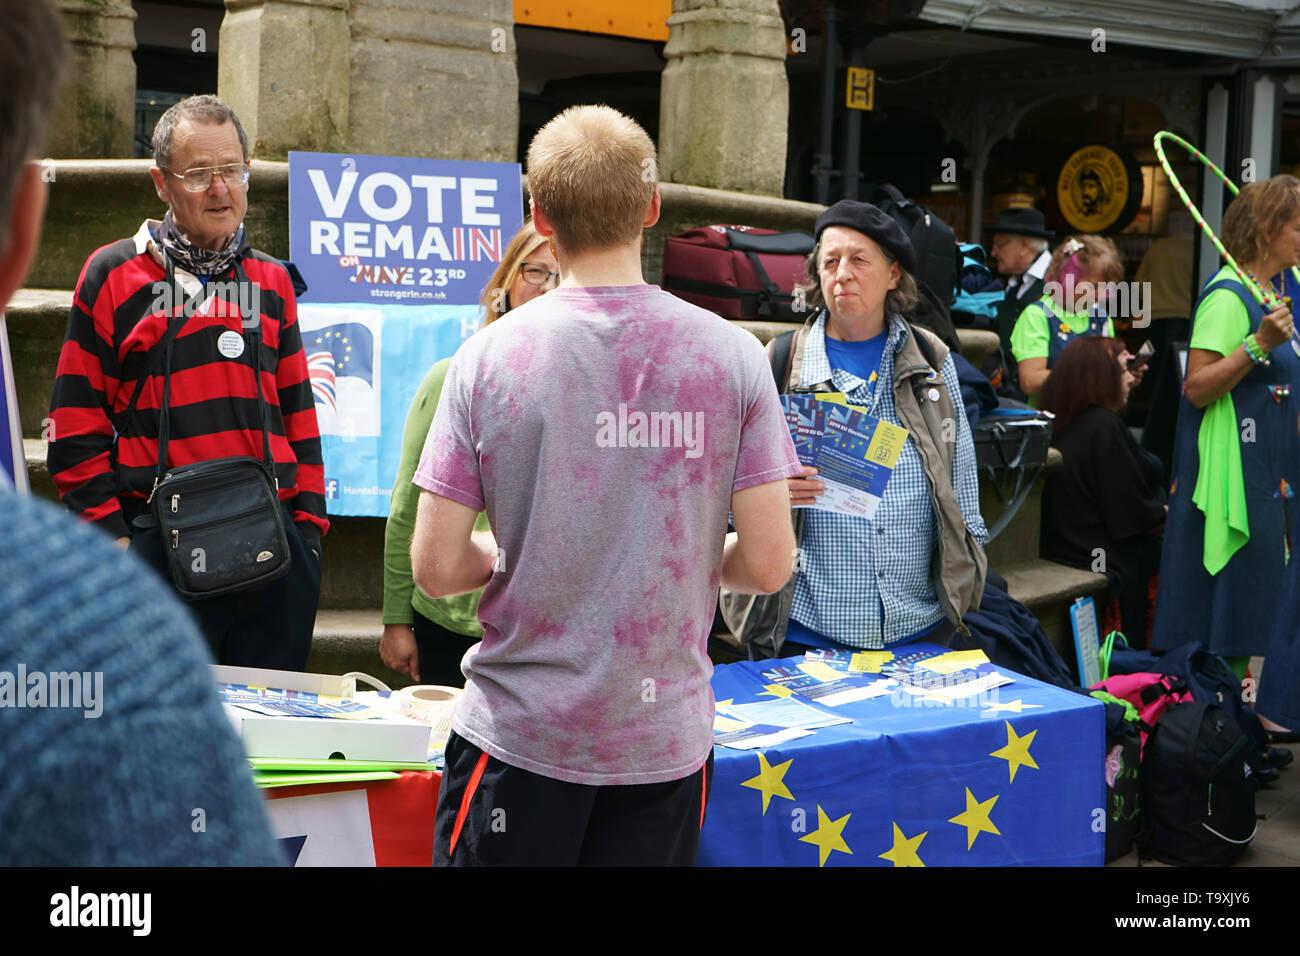 Winchester, Reino Unido. Votar el día de las elecciones al parlamento de la UE el 23 de mayo de 2019 - Los voluntarios distribuyen panfletos en el centro de la ciudad de Winchester durante el MAYFEST - 18 de mayo de 2019 Foto de stock